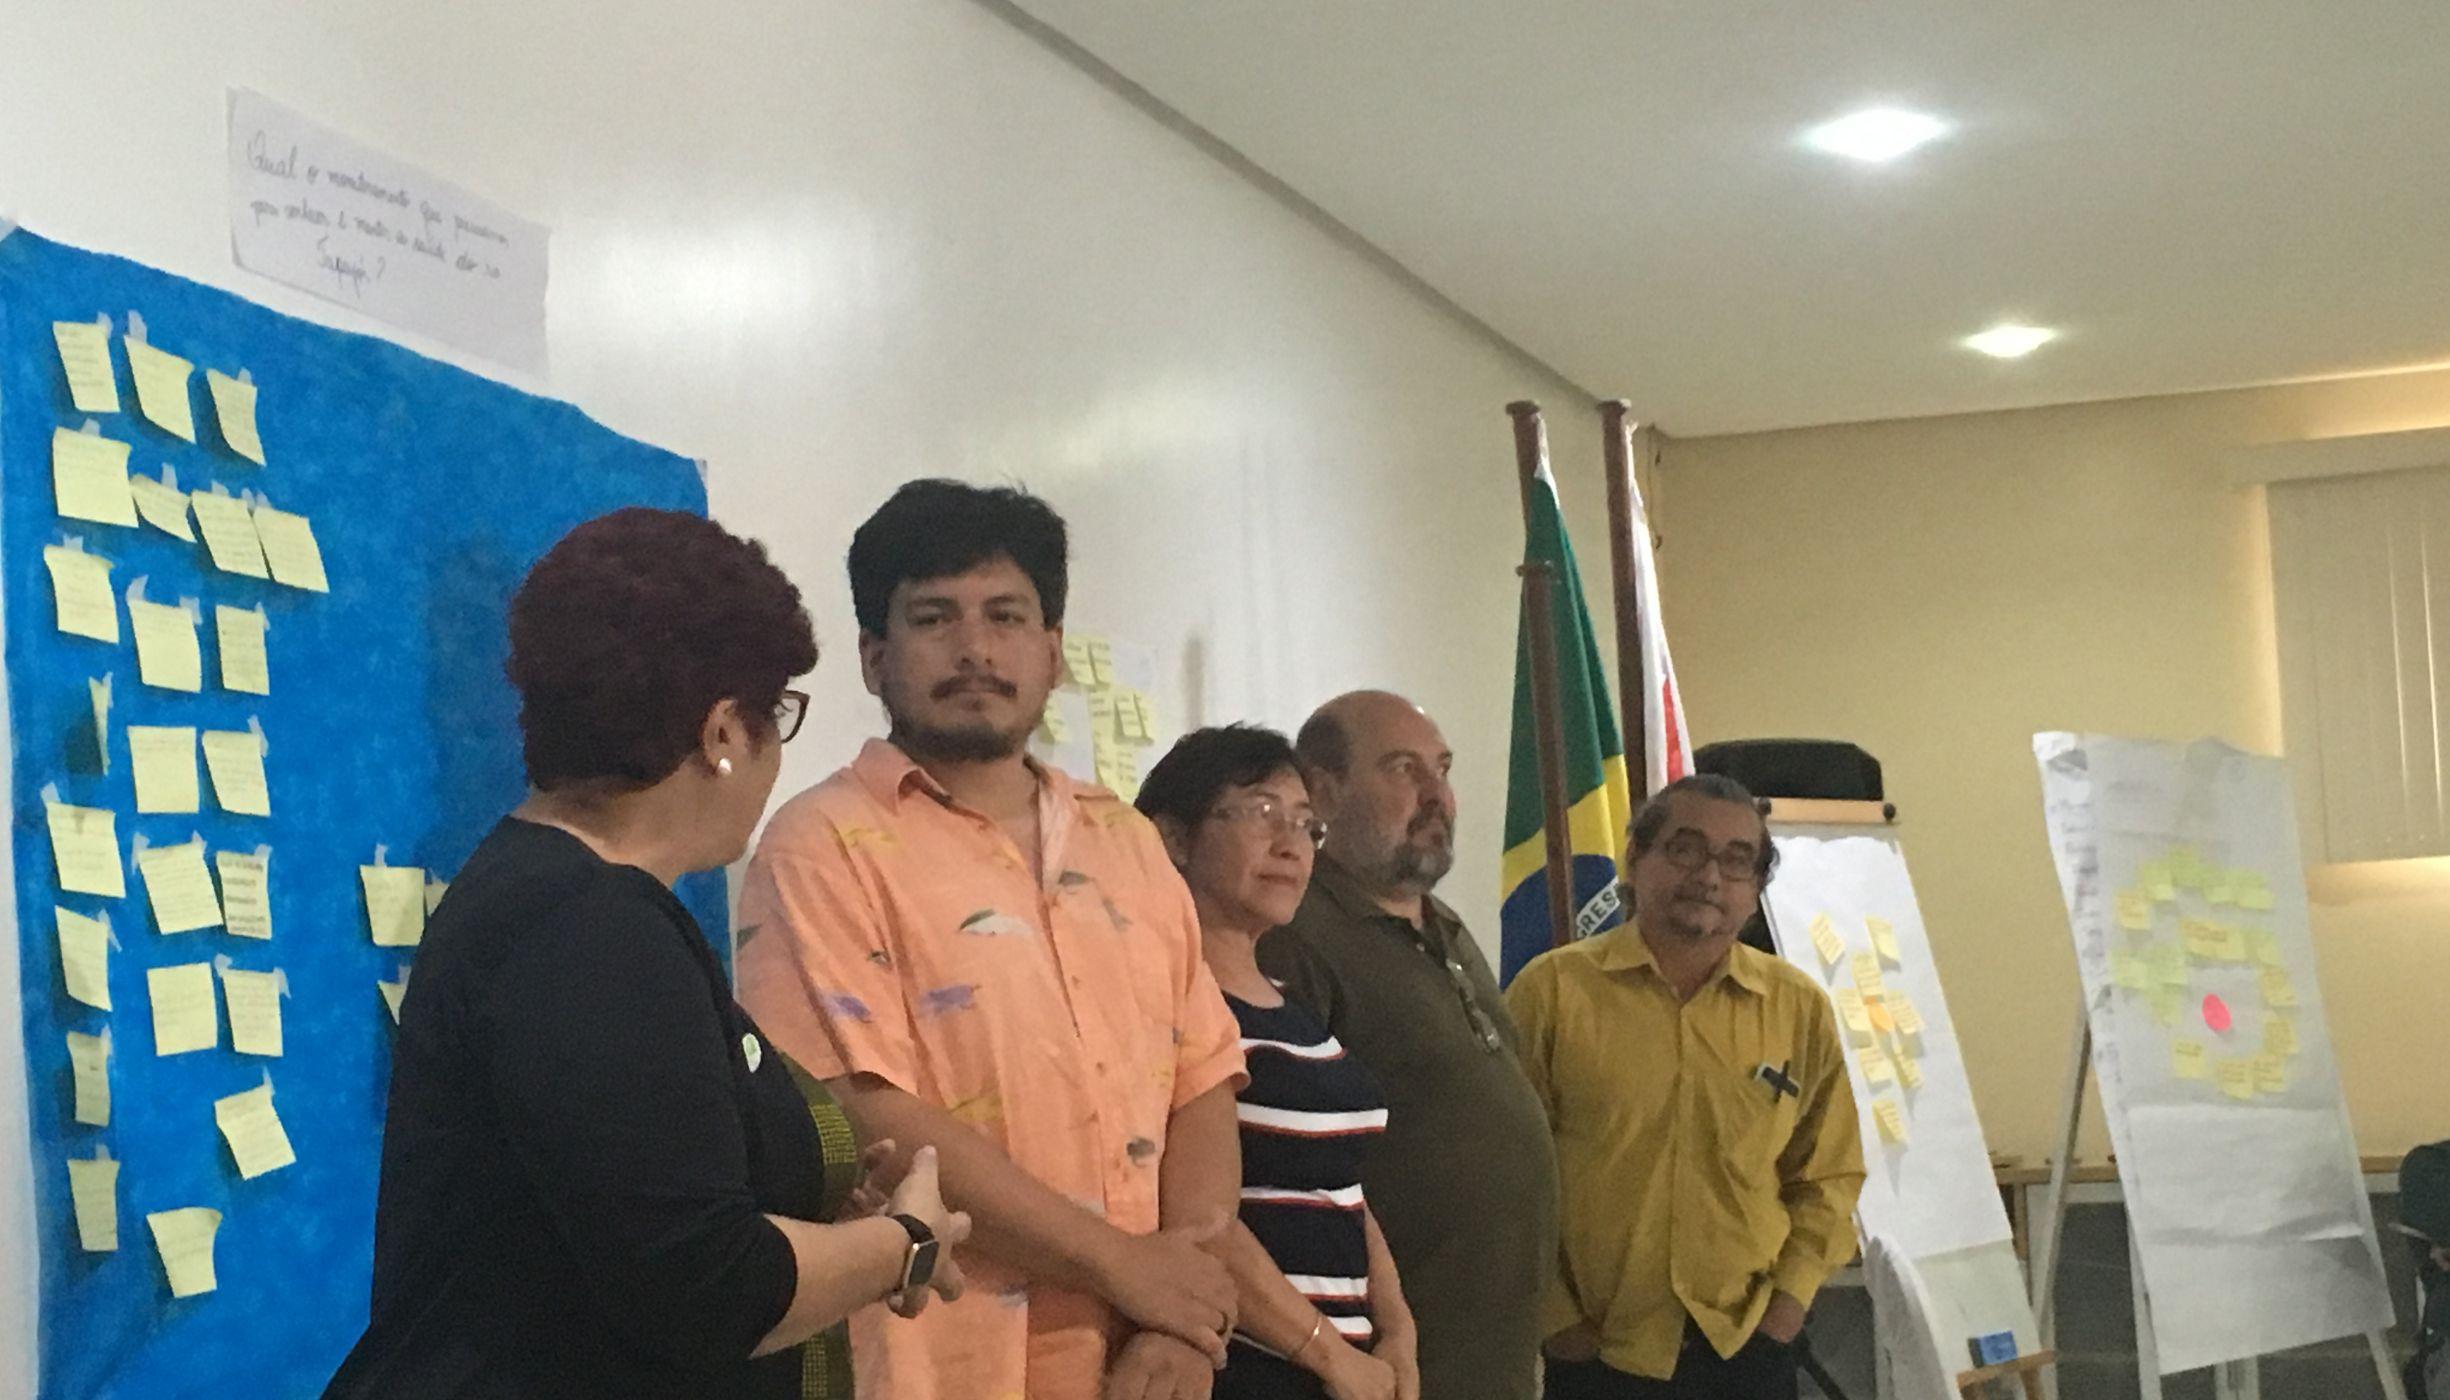 Participantes apresentam resultados de debate em uma das dinâmicas do evento.